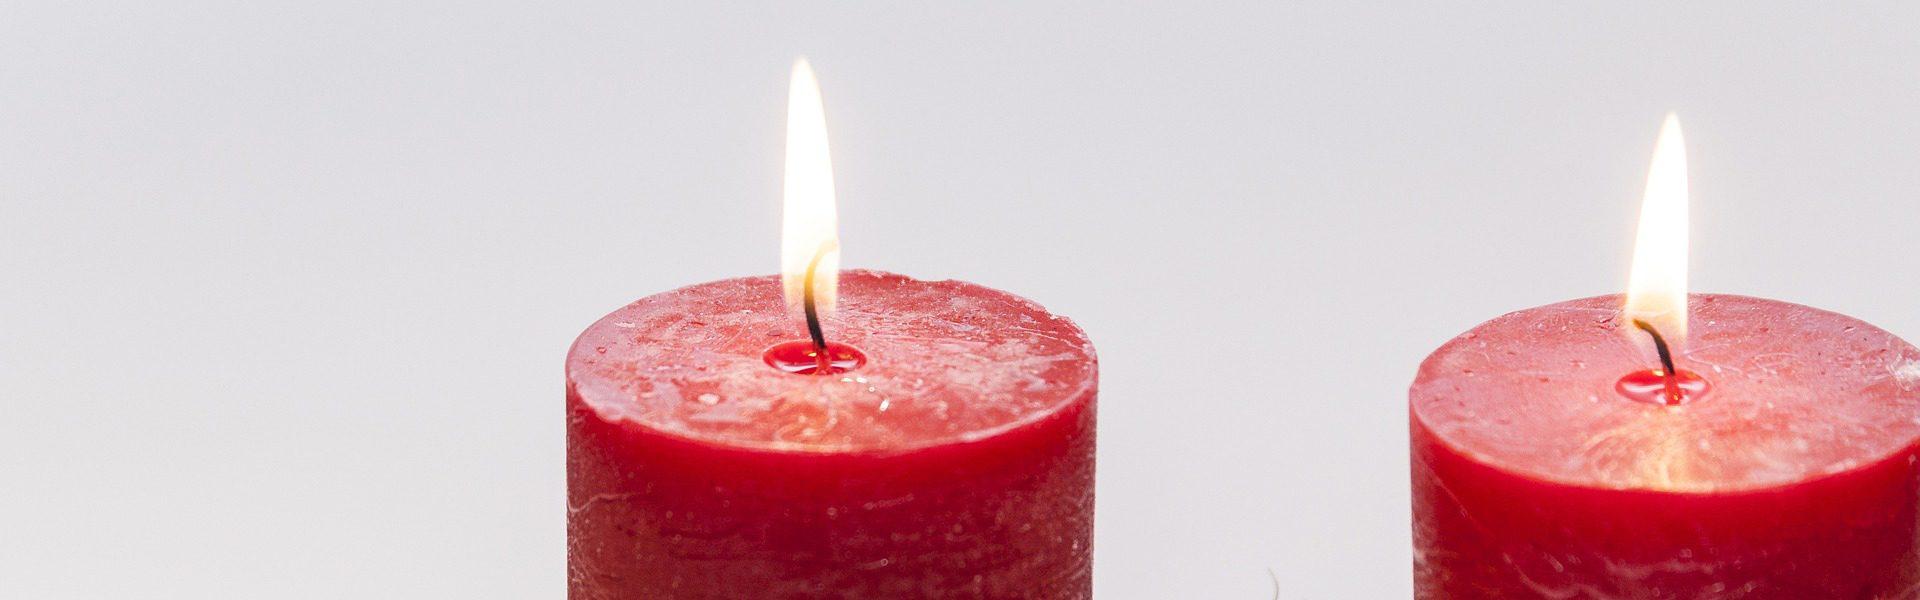 Wir wünschen einen gesegneten 2. Advent